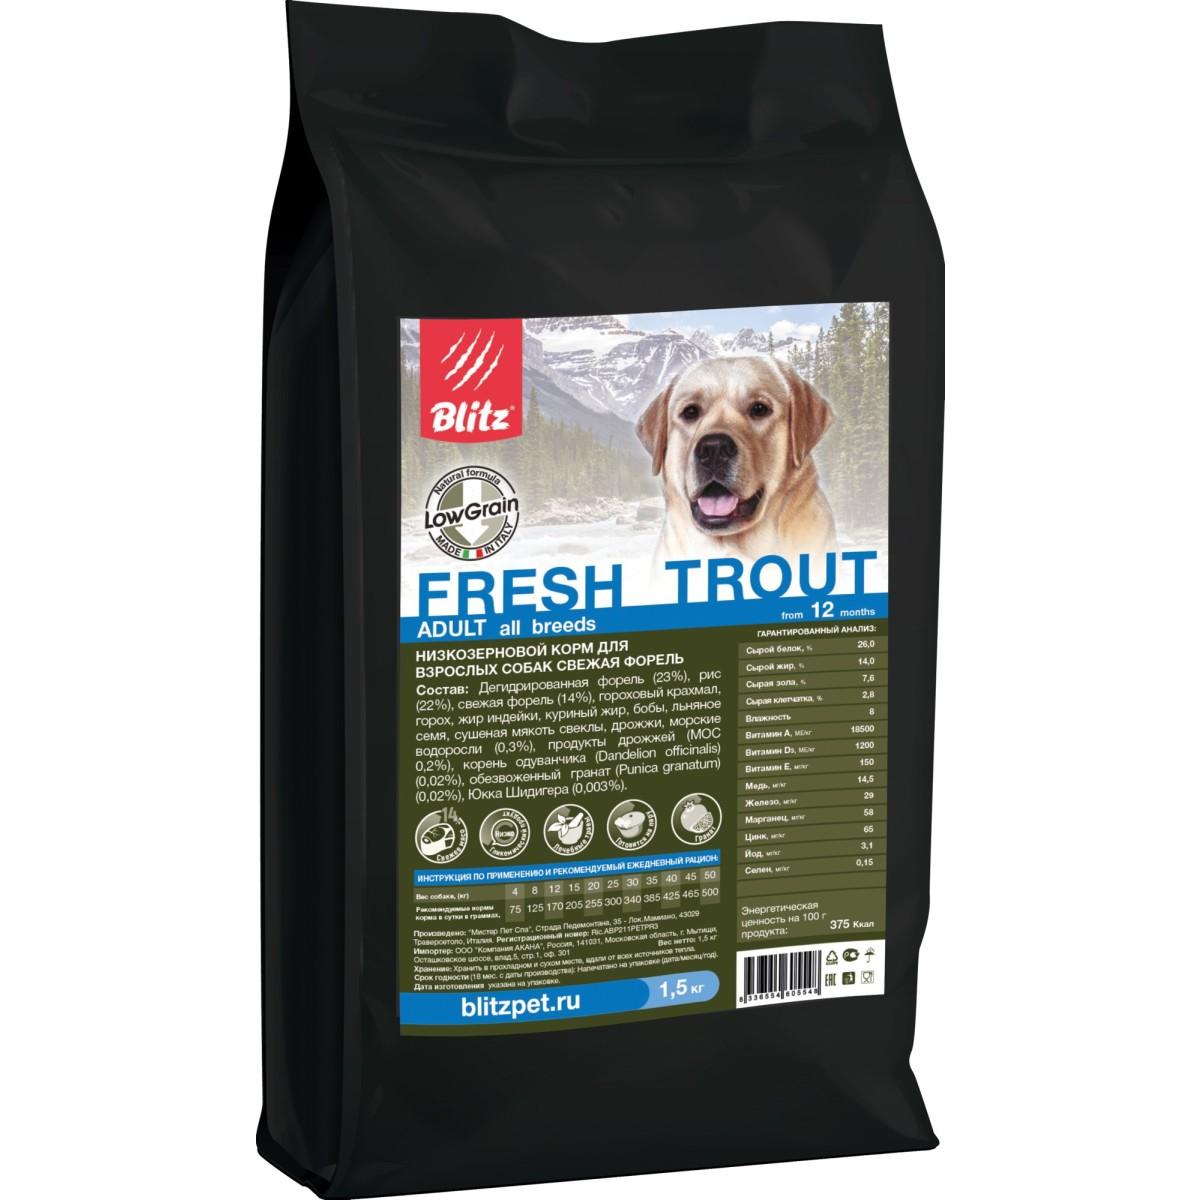 Сухой корм для собак BLITZ Holistic малозерновой Свежая Форель 1.5 кг